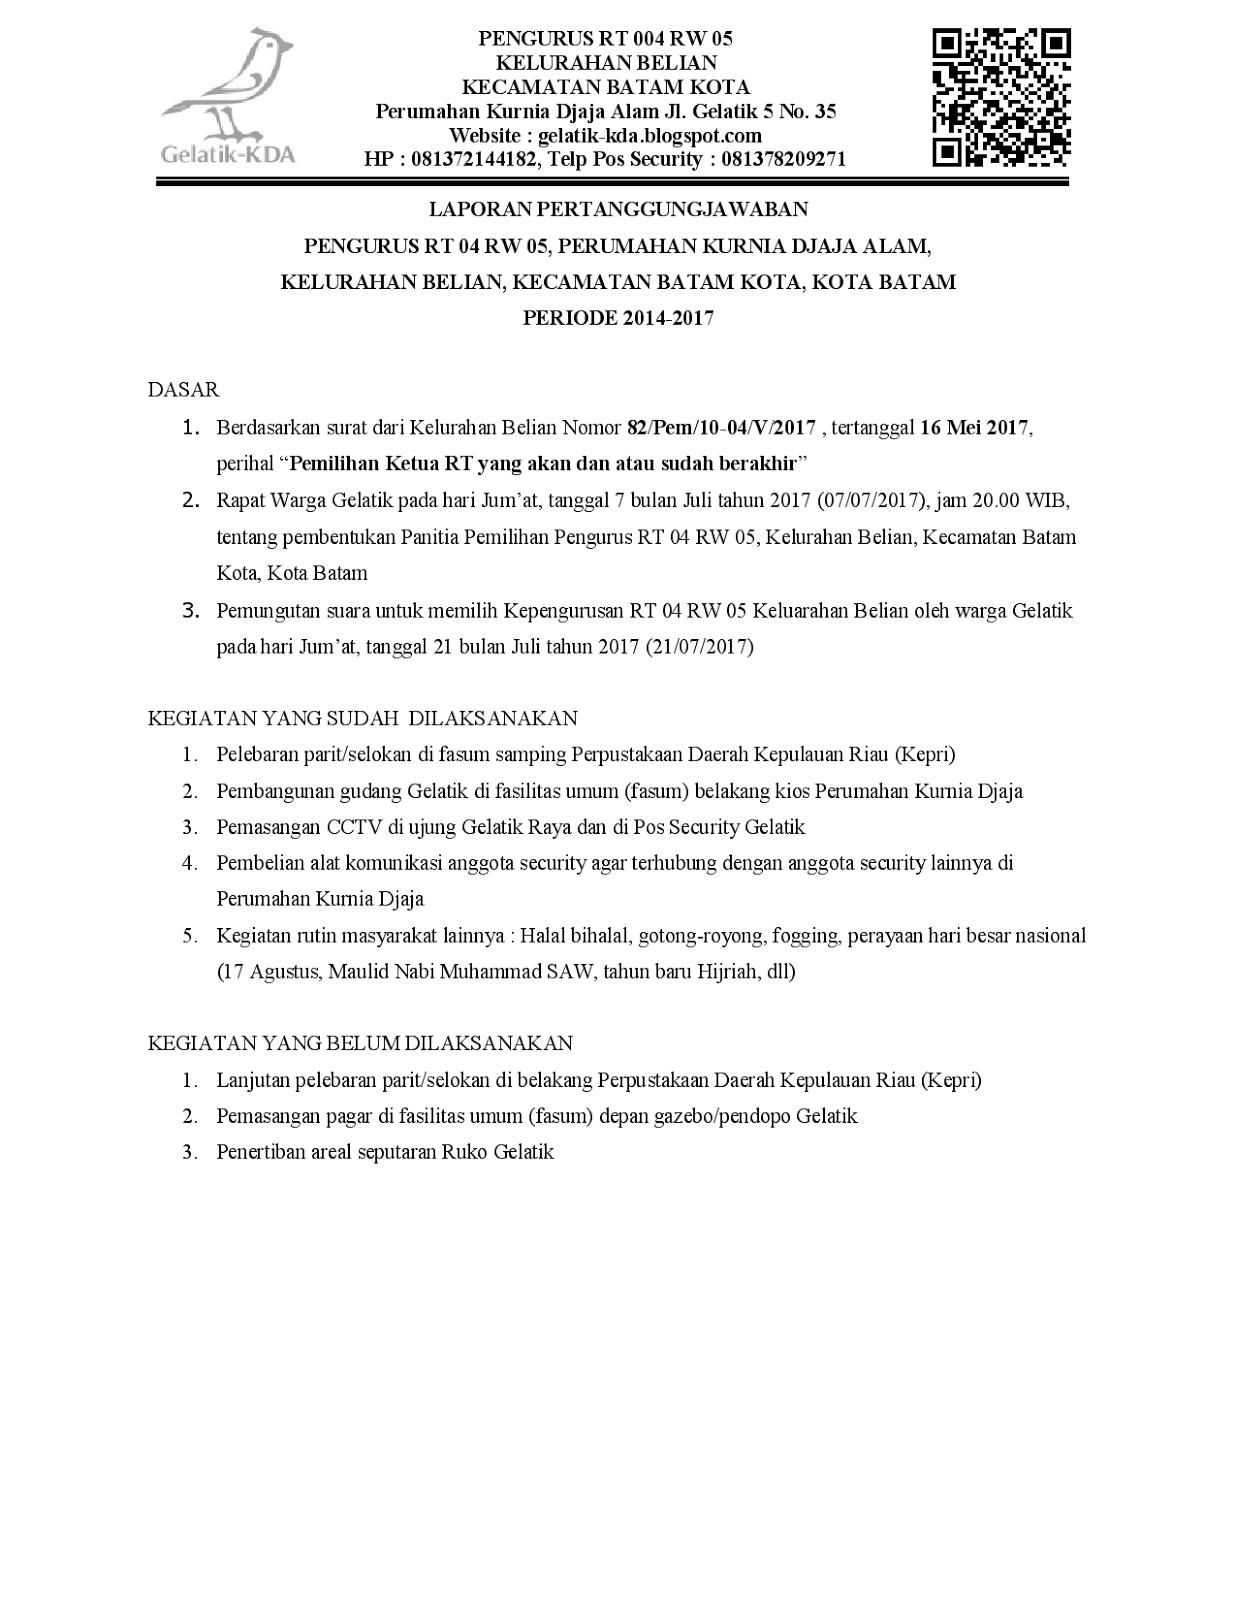 Laporan Pertanggungjawaban Pengurus Rt Gelatik 2014 2017